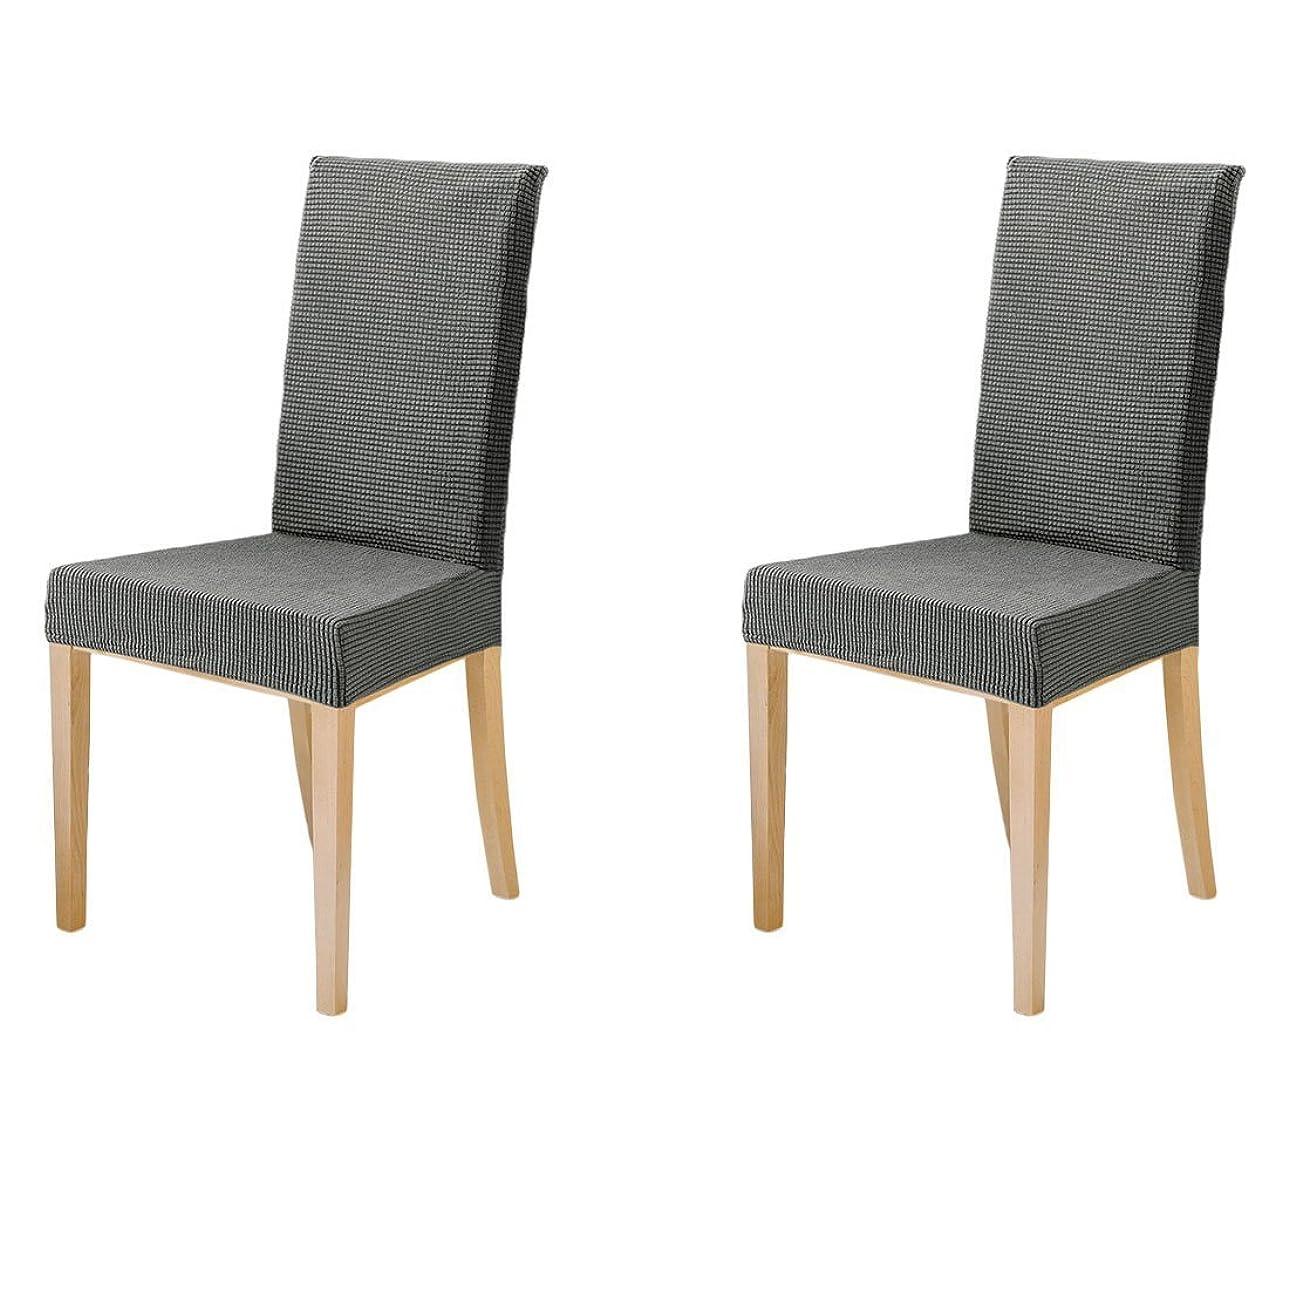 ホップ広がりレイアウトチェア カバー 椅子 カバー 椅子フルカバー 伸縮素材 ダイニングチェア ウェディング/結婚式/パーティーなどで チェアカバー (グレー)